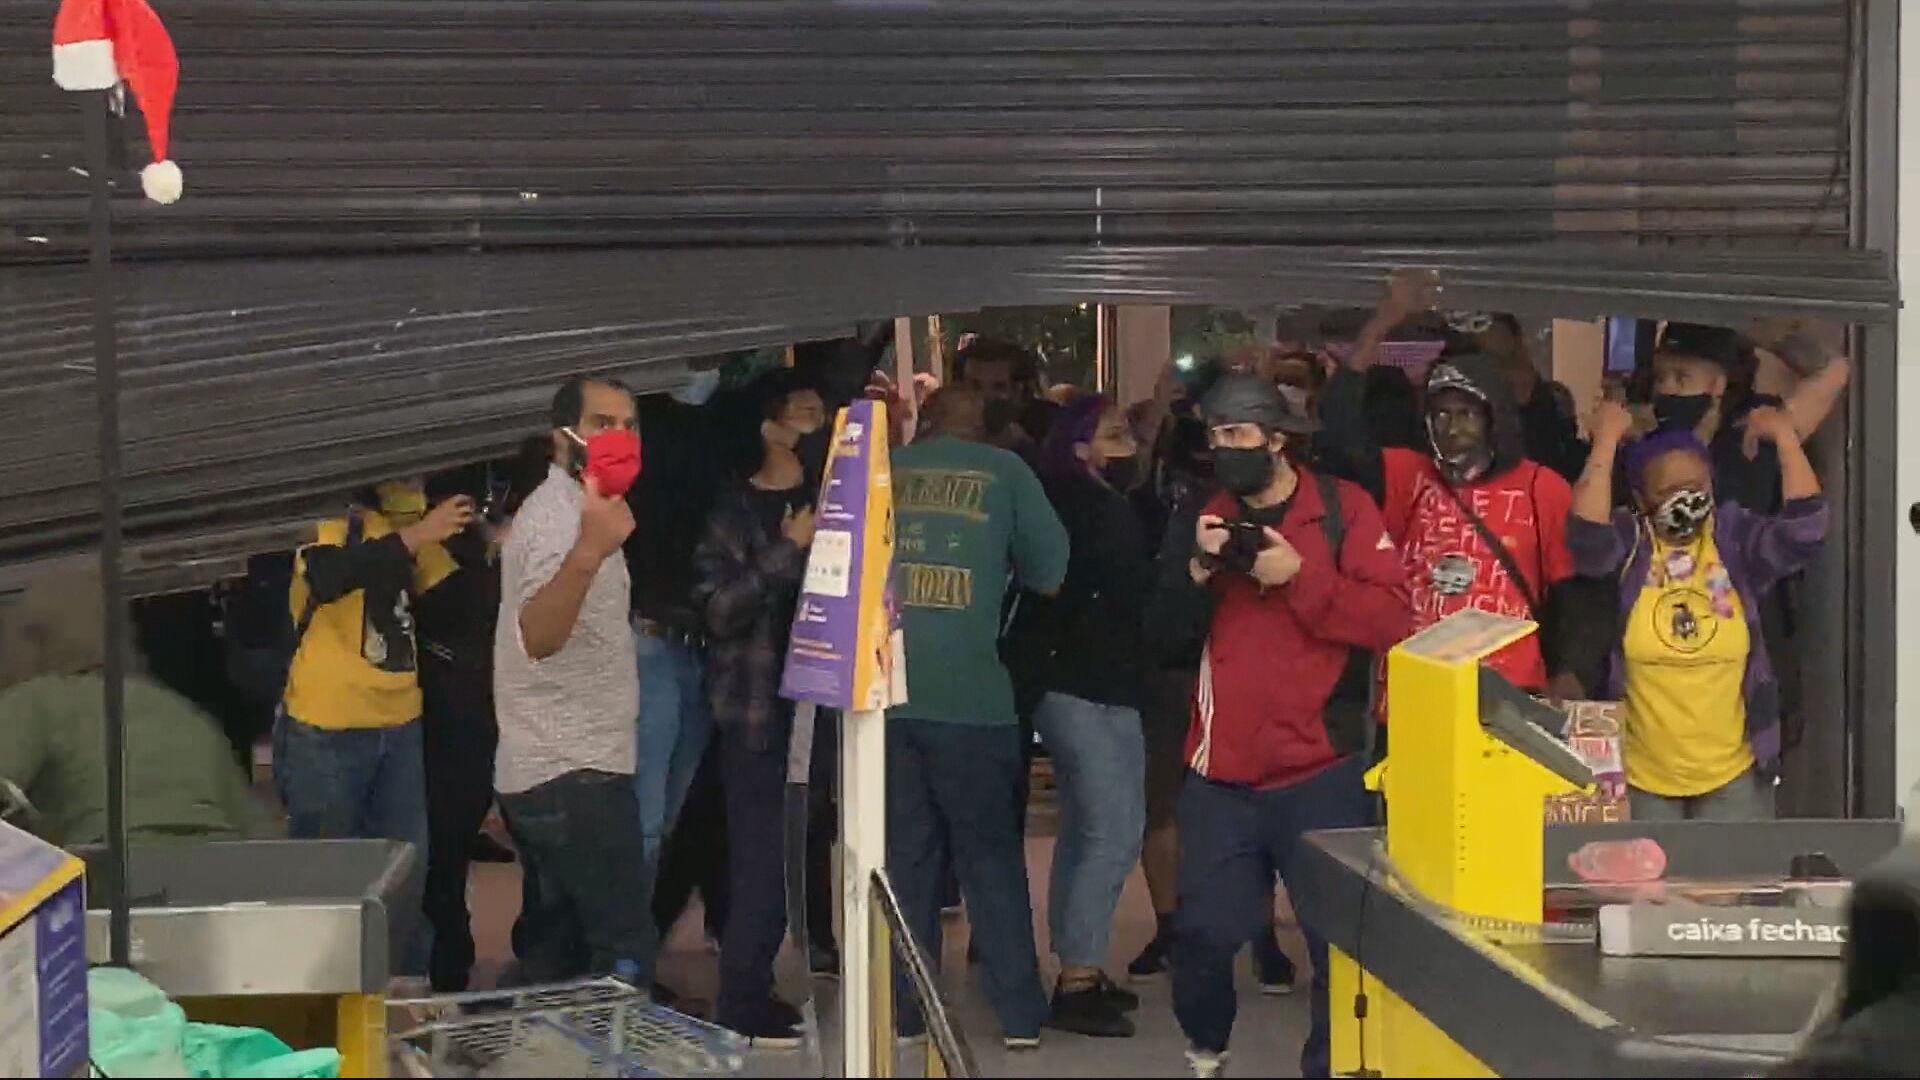 Manifestantes invadem um supermercado Carrefour em São Paulo (20.nov.2020)